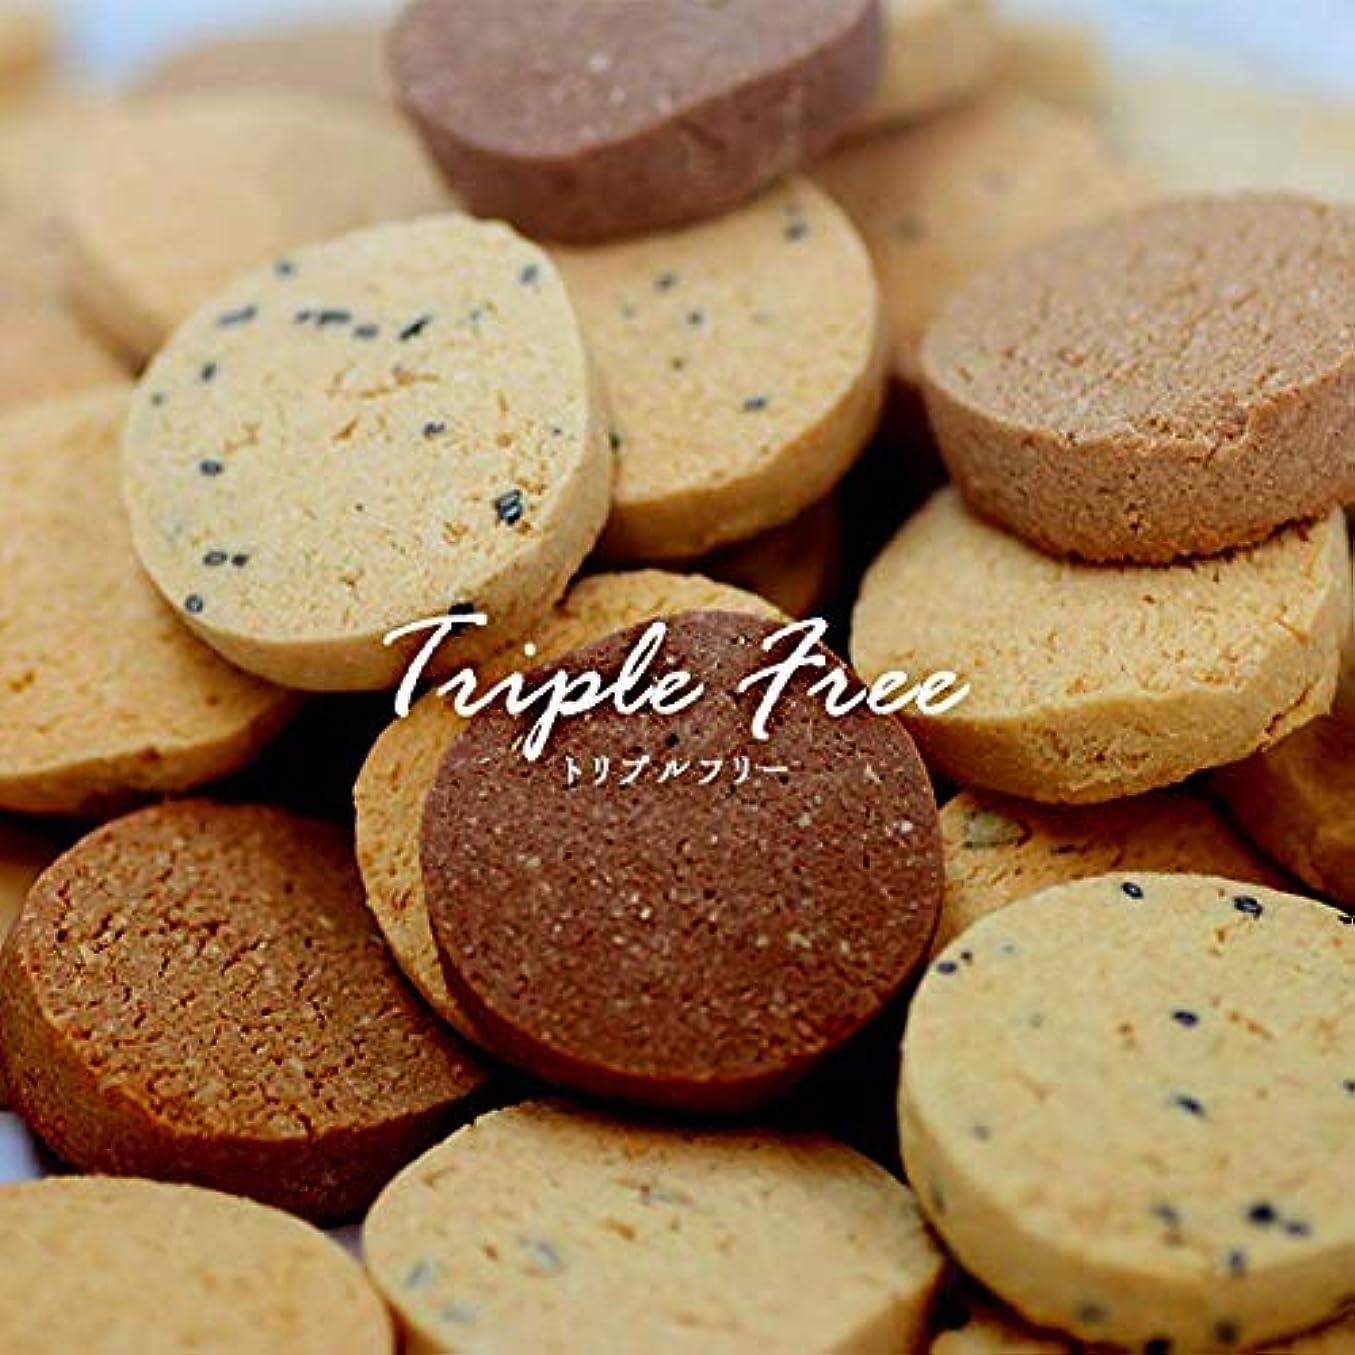 夏持ってる落胆させる新感覚!大人気5種類!Triple Free 豆乳おからクッキー 1kg(個包装)小麦粉不使用のダイエットクッキー